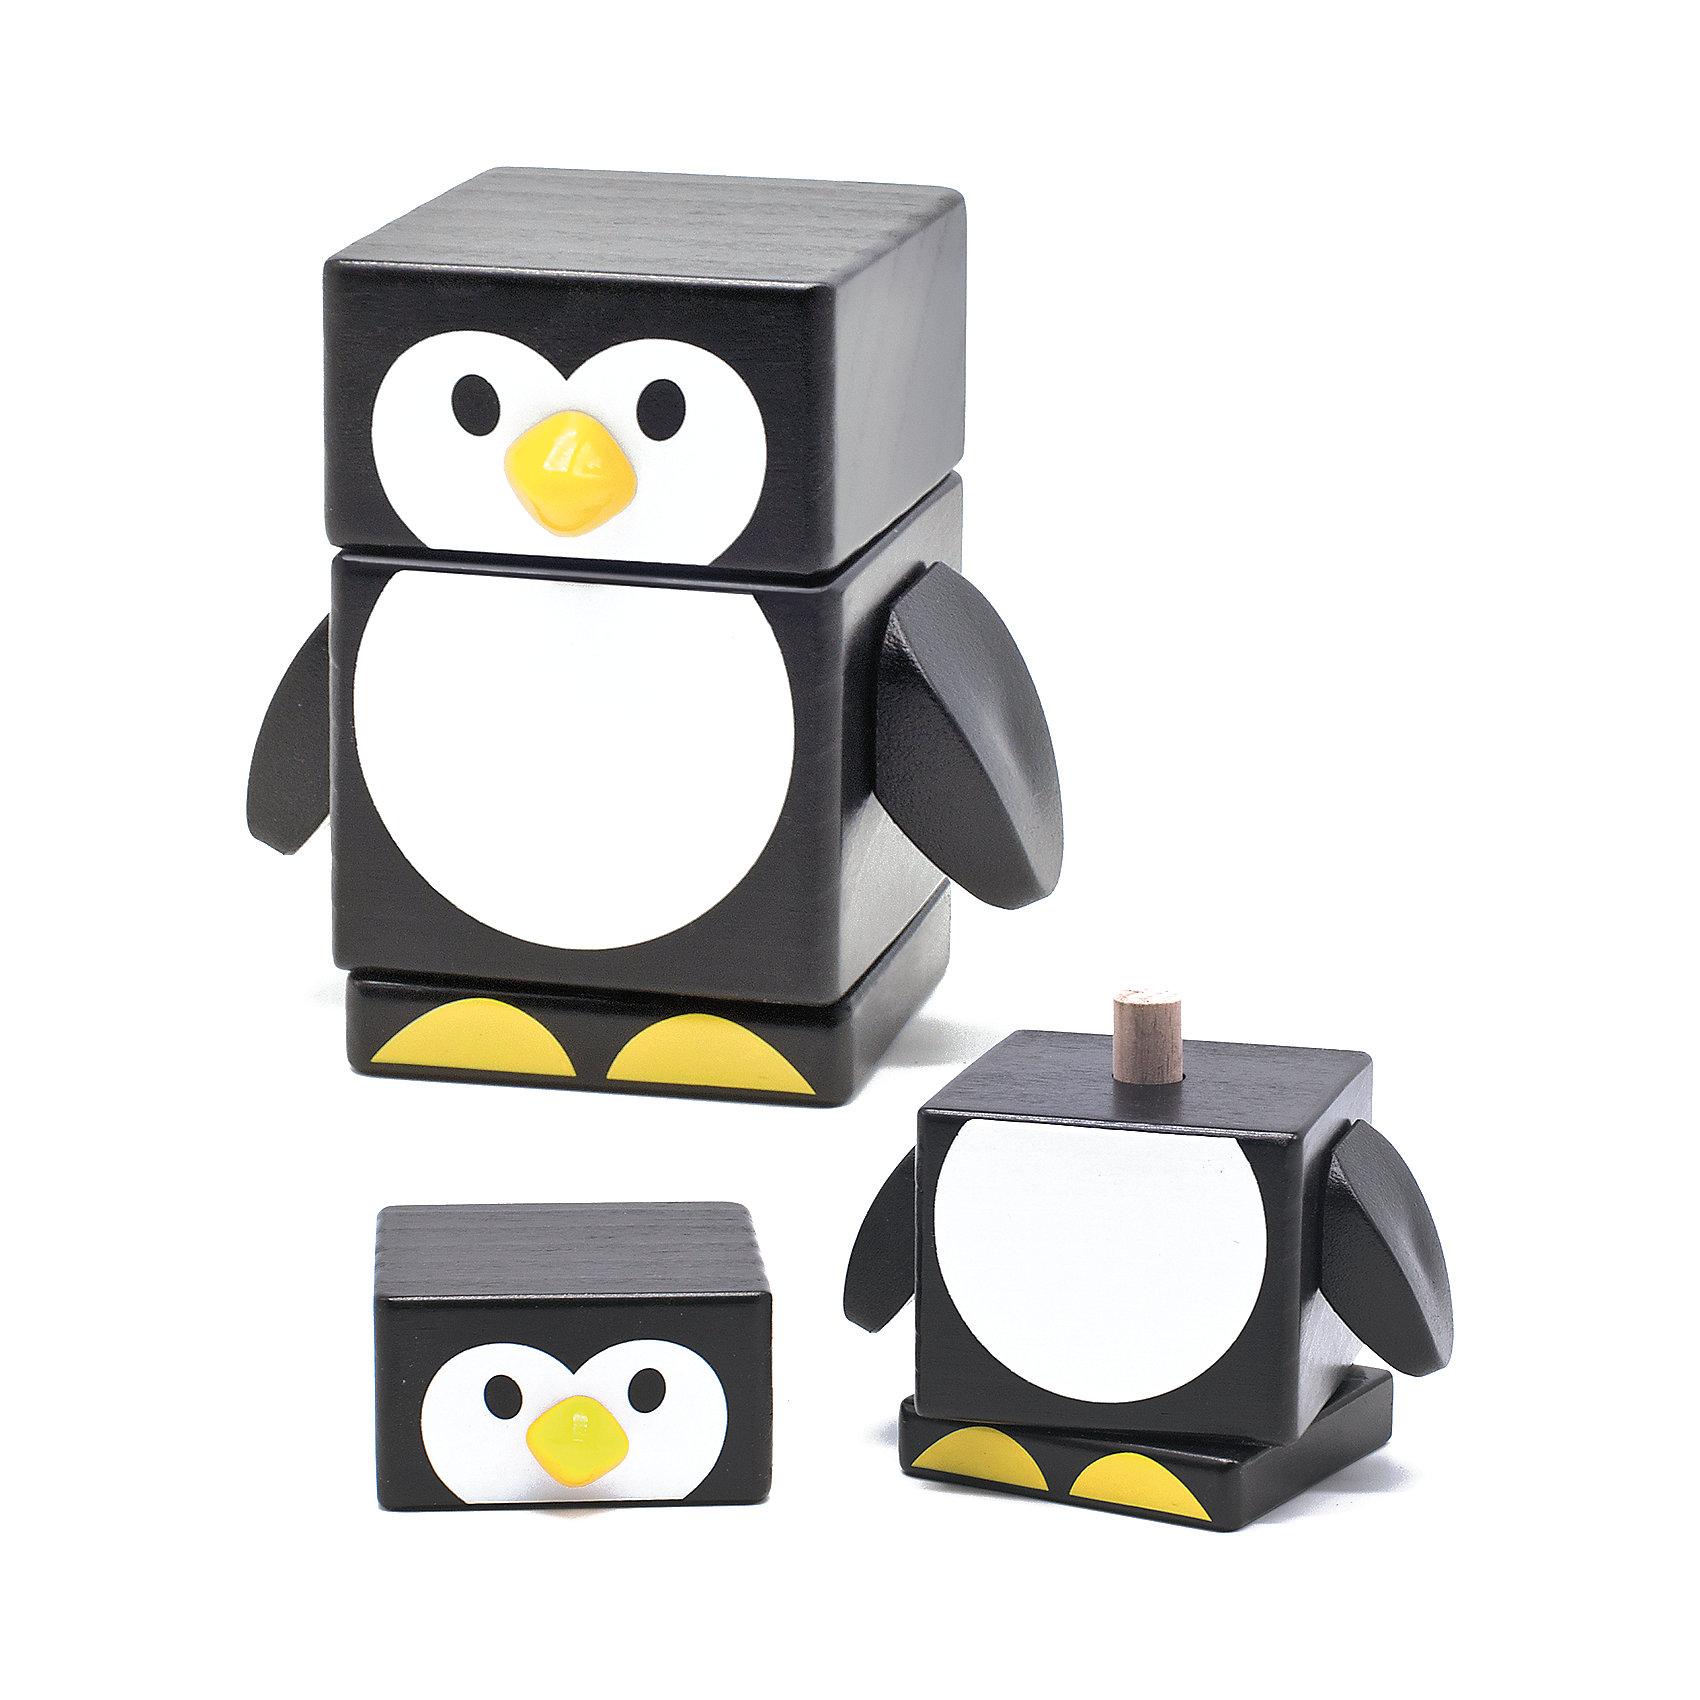 МДИ Пирамидка Пингвин, Мир деревянных игрушек мягкая игрушка пингвин tux купить